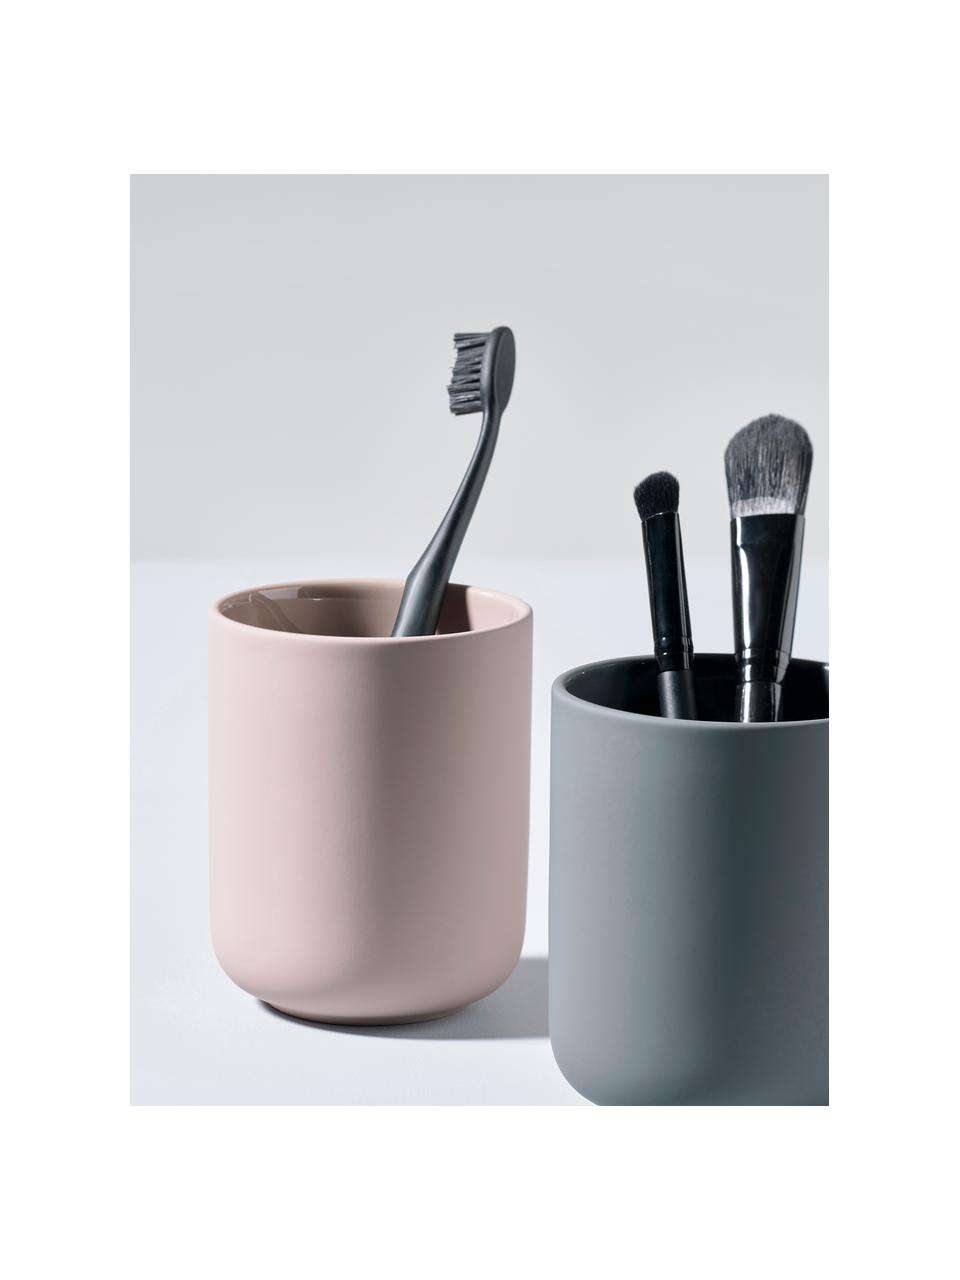 Zahnputzbecher Ume aus Steingut, Steingut überzogen mit Soft-touch-Oberfläche (Kunststoff), Rosa, matt, Ø 8 x H 10 cm